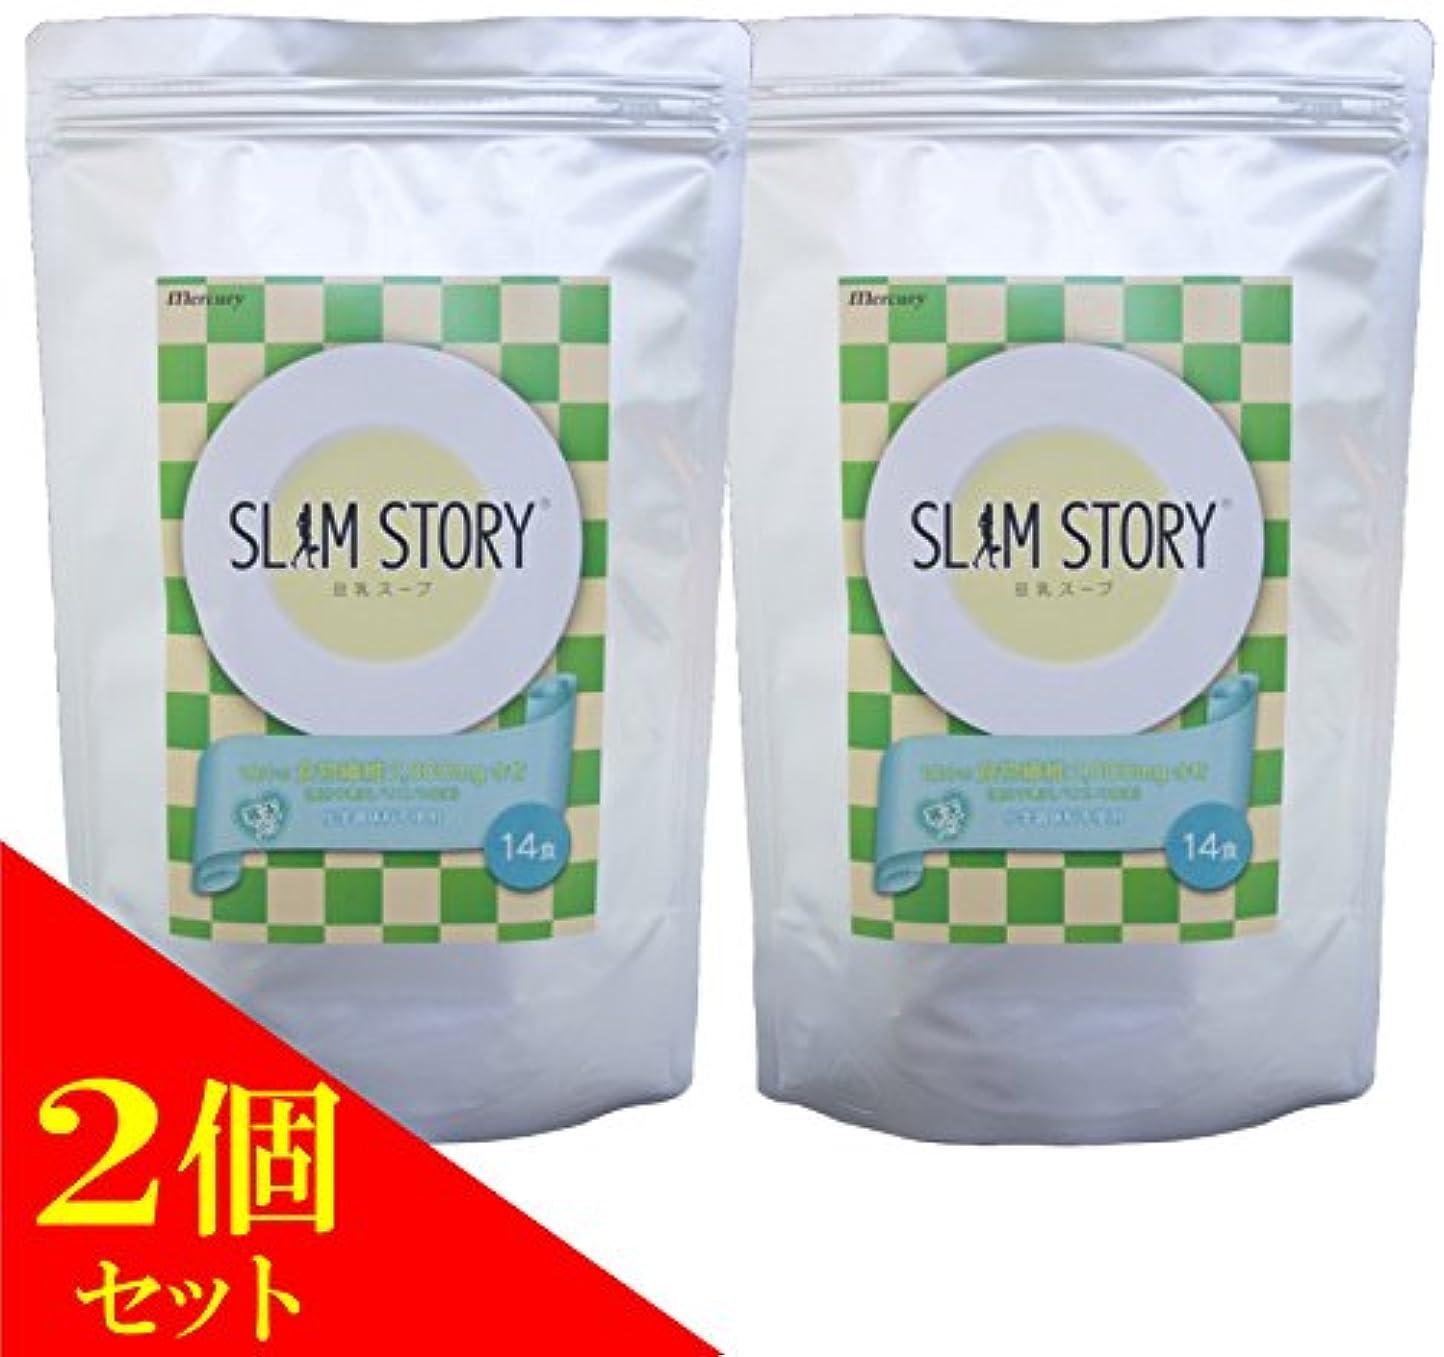 ファンアルバムレーザ(2個)マーキュリー SLIM STORY 豆乳スープ 14食×2個セット/化学調味料 不使用(4947041155176)